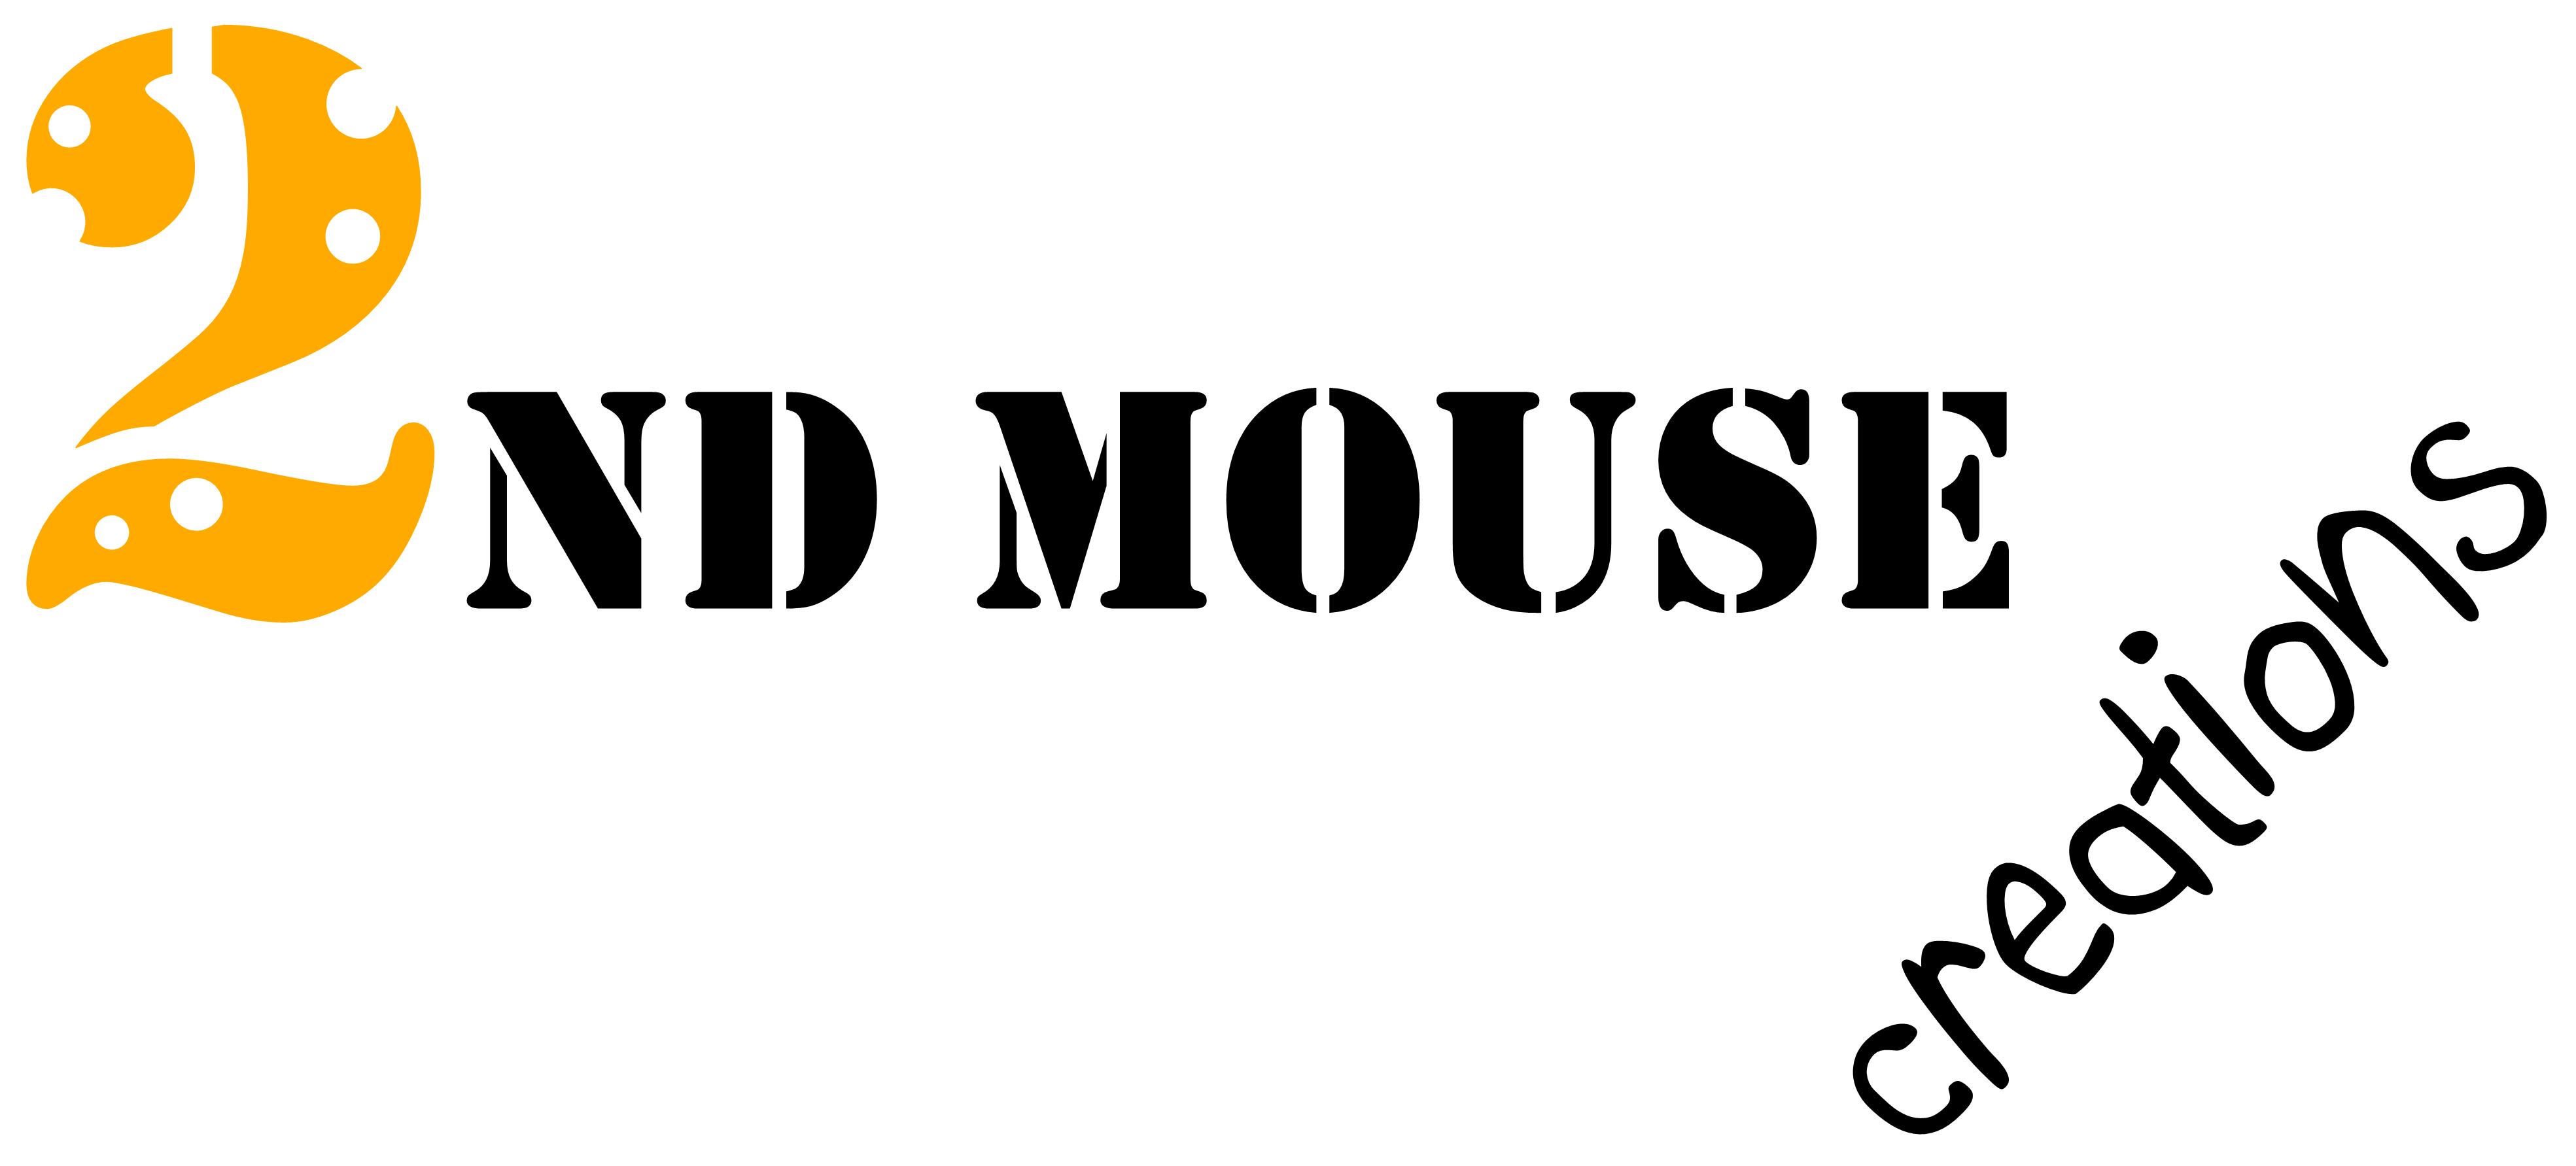 2ndmouse_logo